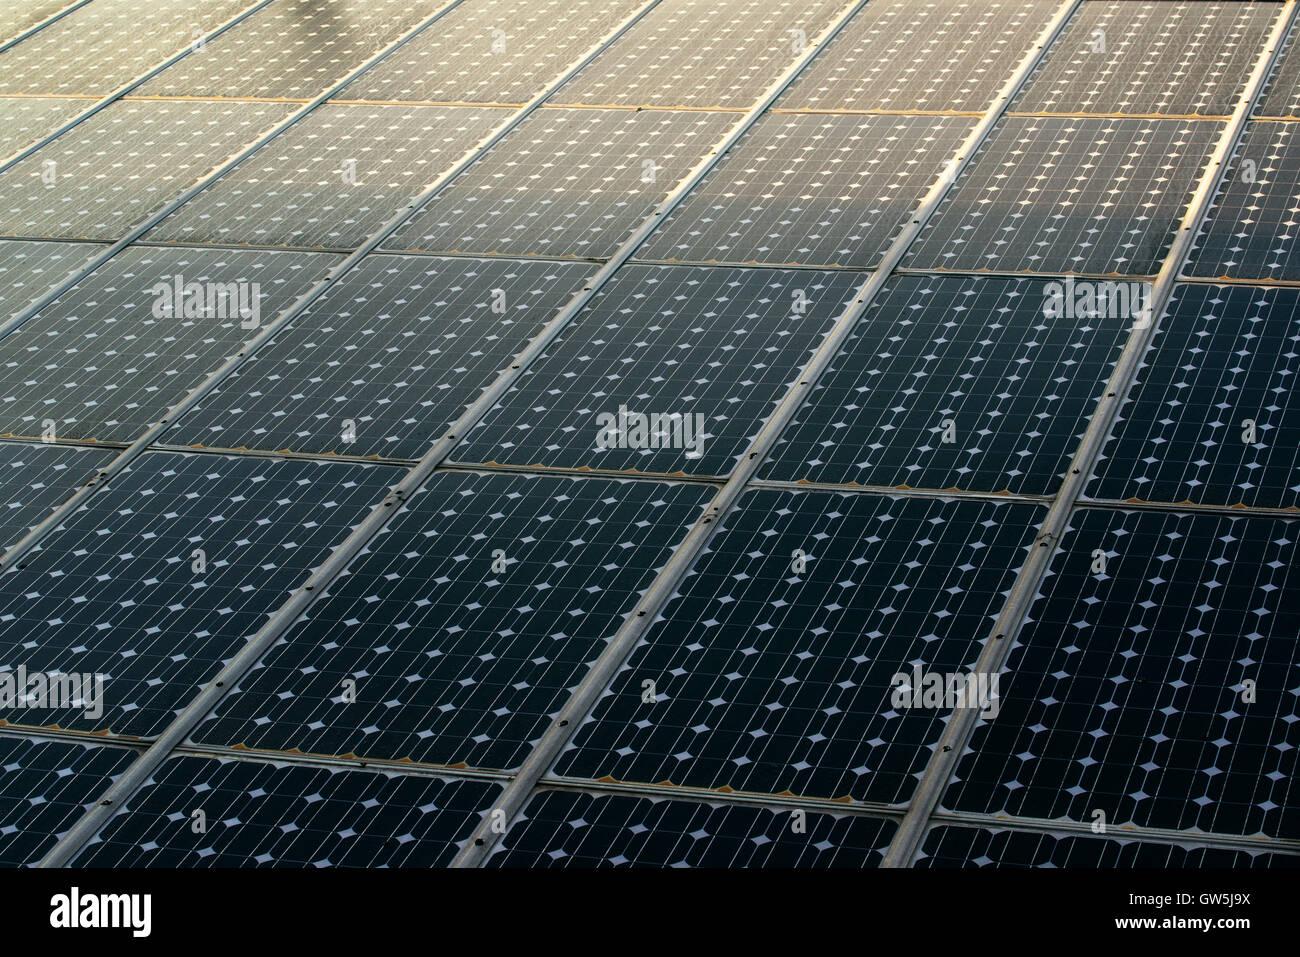 La luz del sol en los paneles solares fotovoltaicos módulos celulares Imagen De Stock